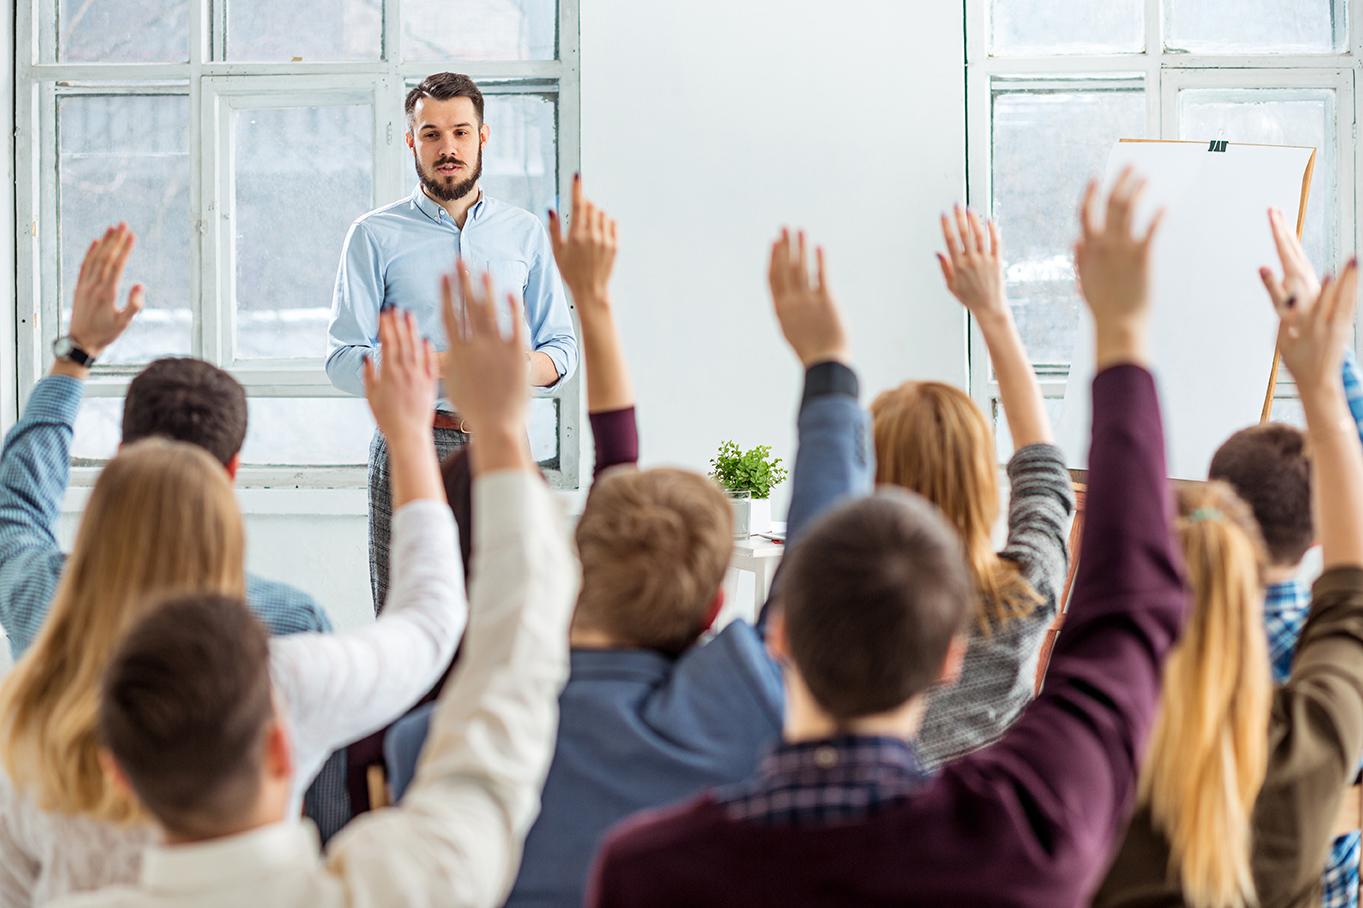 Miesopettaja kertoo opiskelijoille yrittäjyydestä ja opiskelijat viittaavat ja haluavat kysyä.